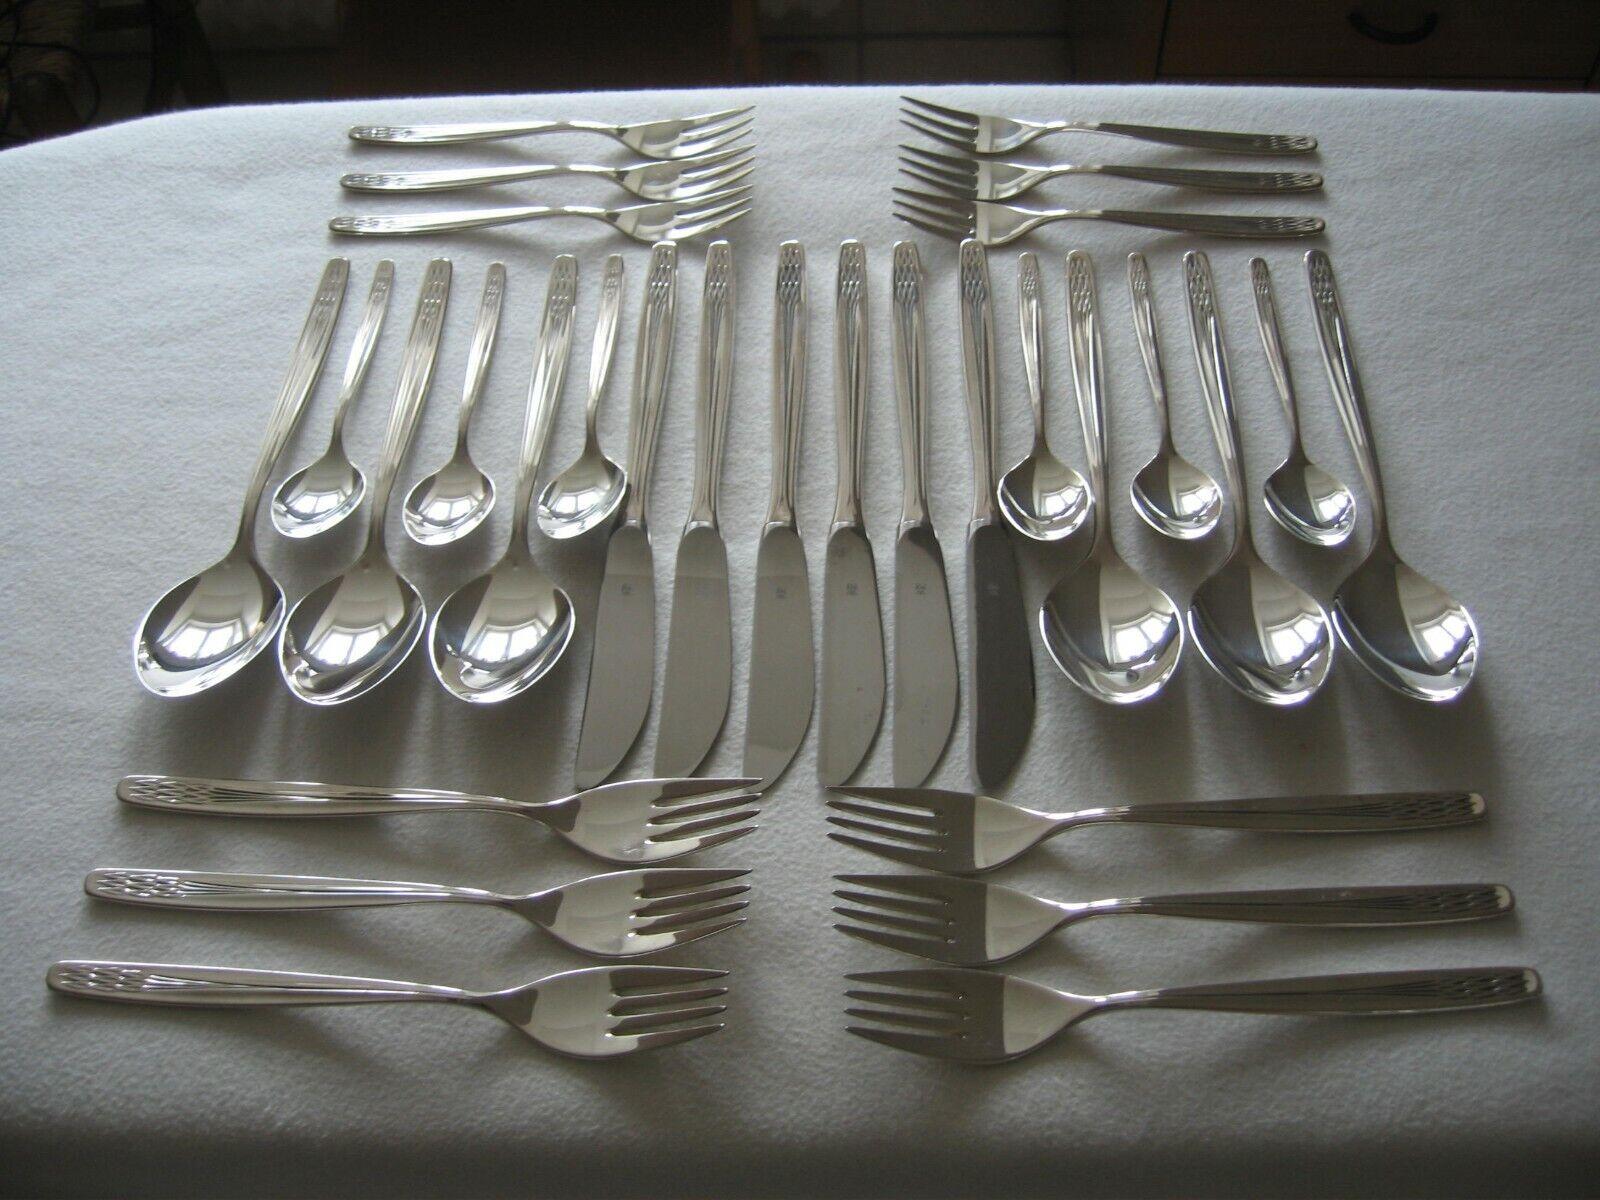 WMF Premiere 6 Kuchengabeln 15,9 cm 90er Silber versilbert Neuwertig